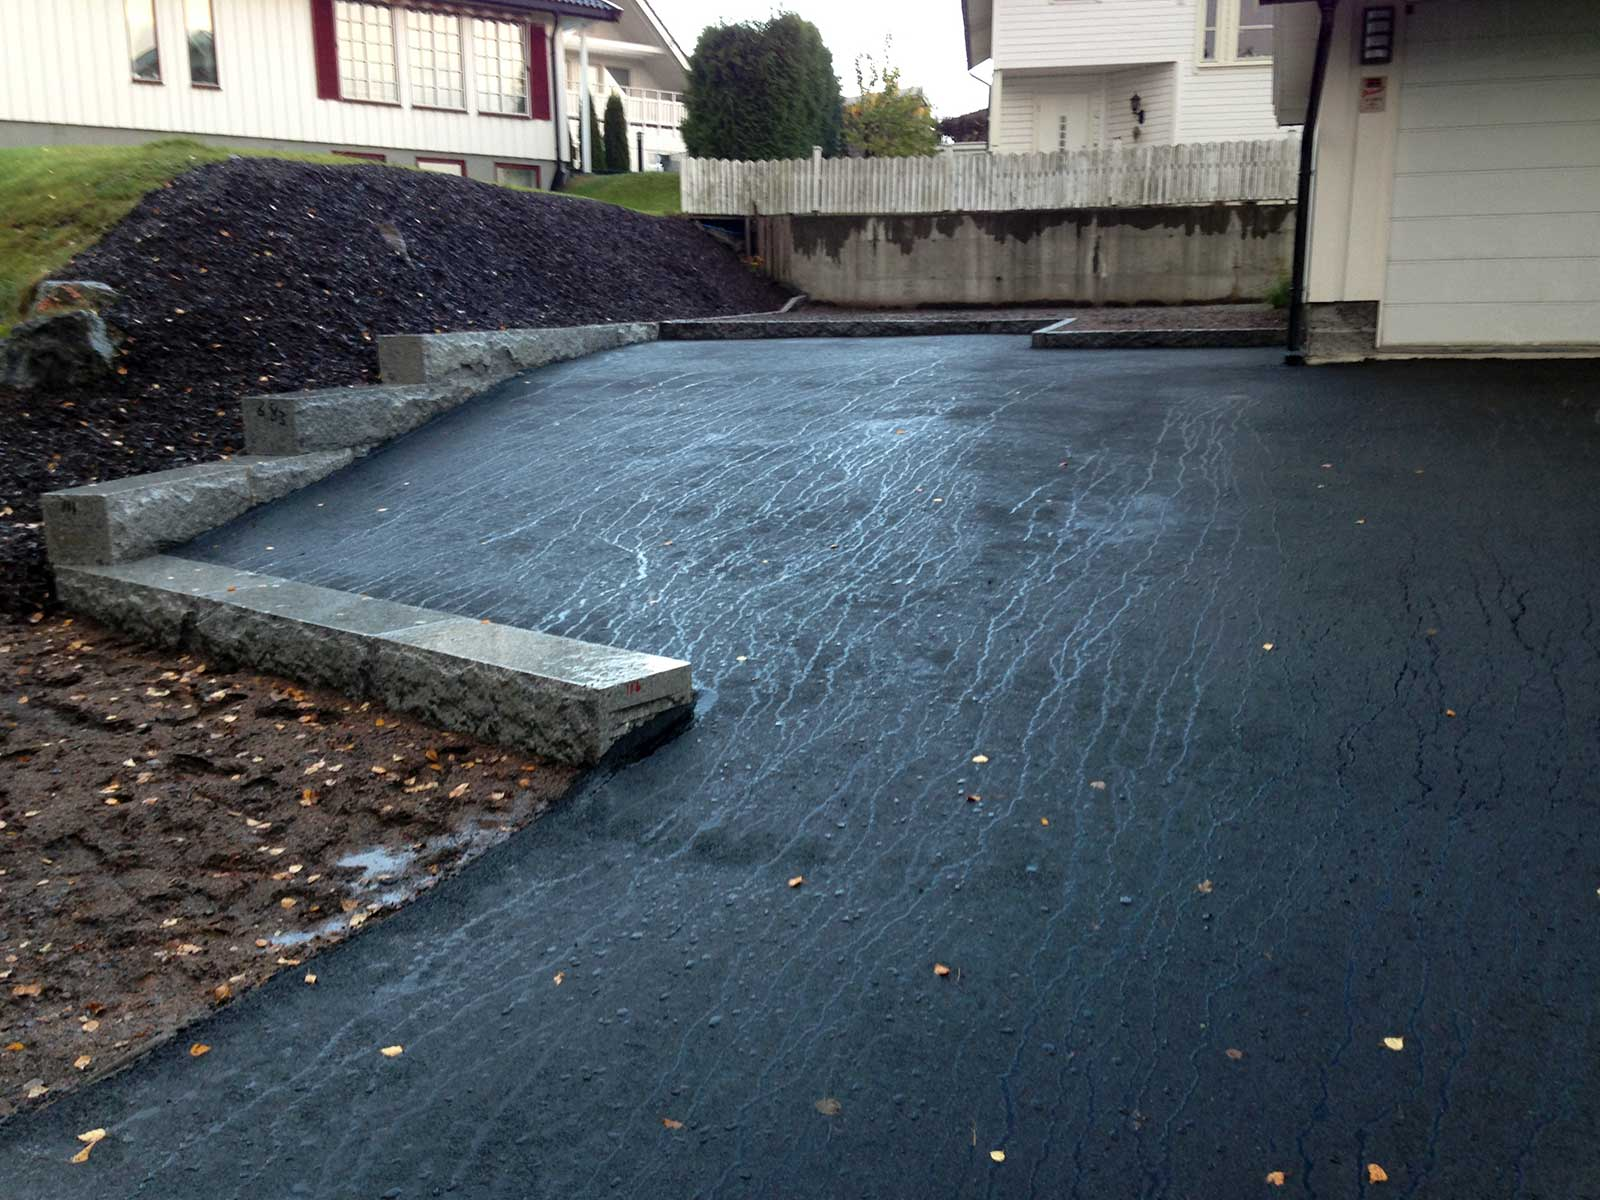 asfalt-lagt-til-slutt